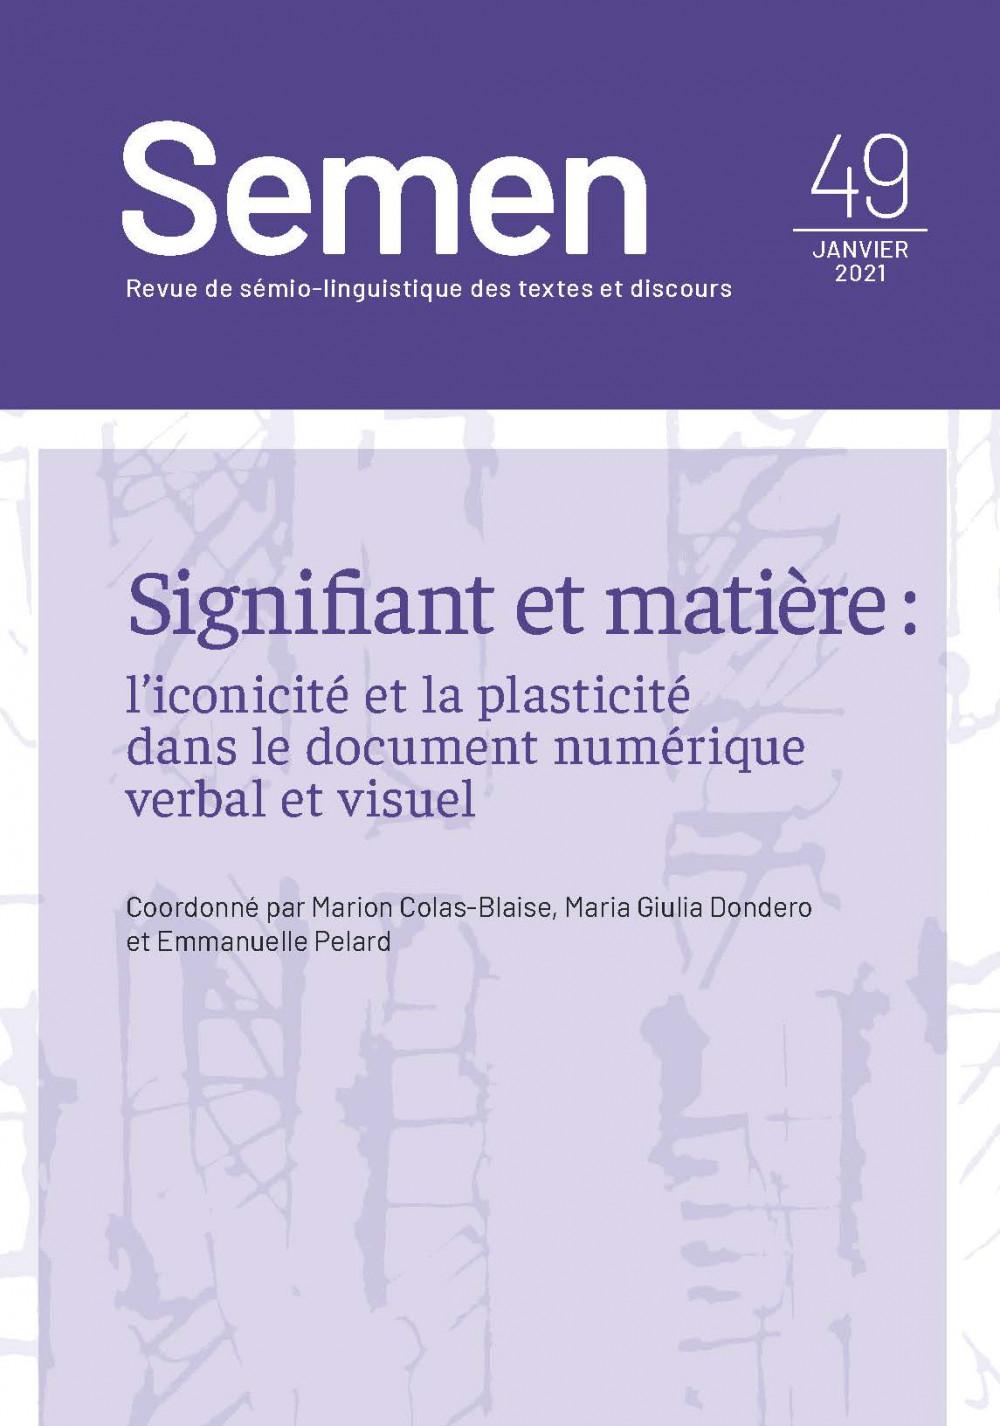 couverture de la revue Semen 49 coordonnée par Marion Colas-Blaise, Maria Giulia Dondero, Emmanuelle Pelard